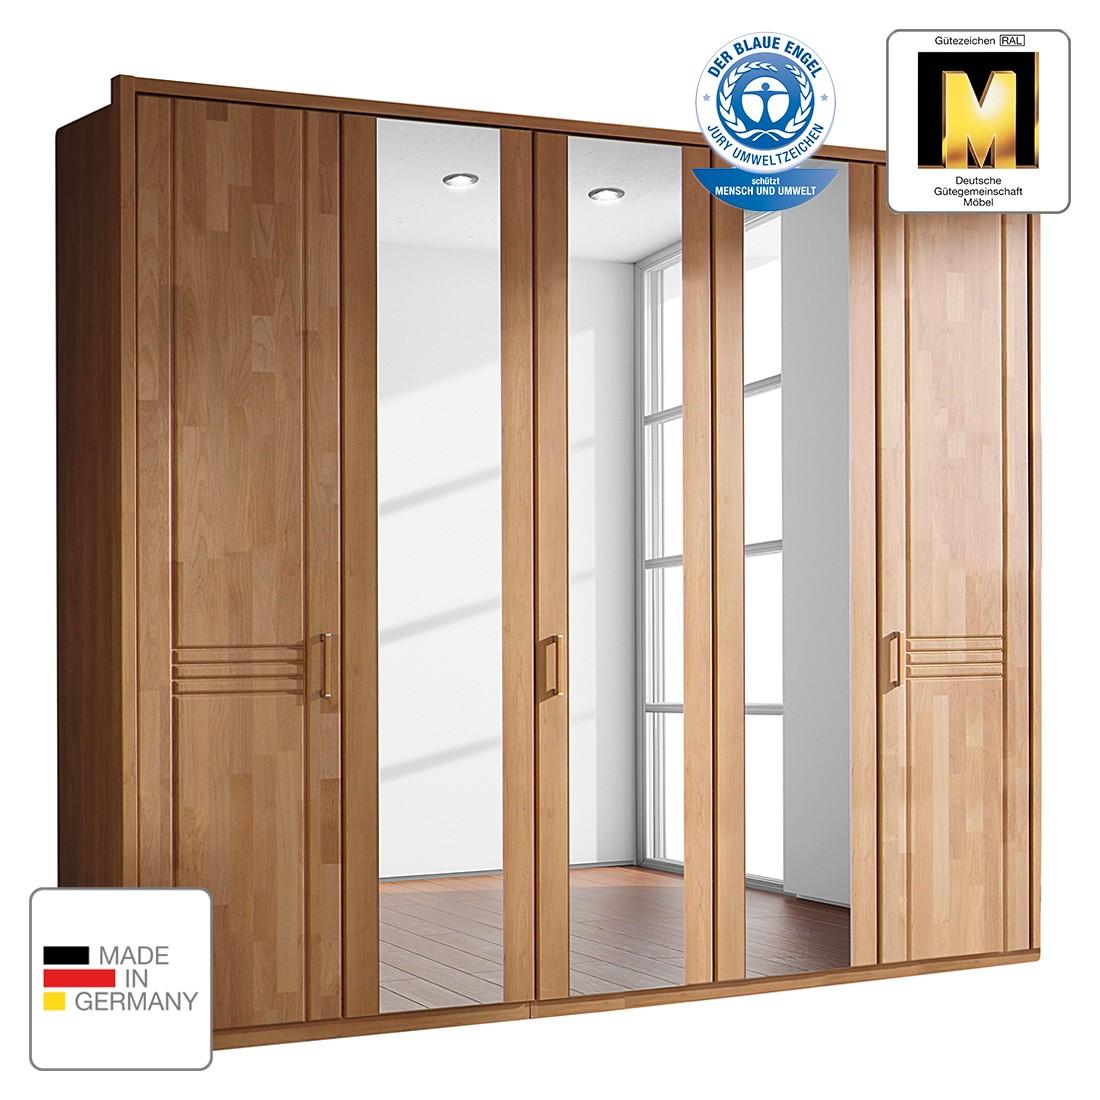 goedkoop Draaideurkast Savina Els 235cm 5 deurs 2 spiegeldeuren Met Passe partout lijst Rauch Steffen